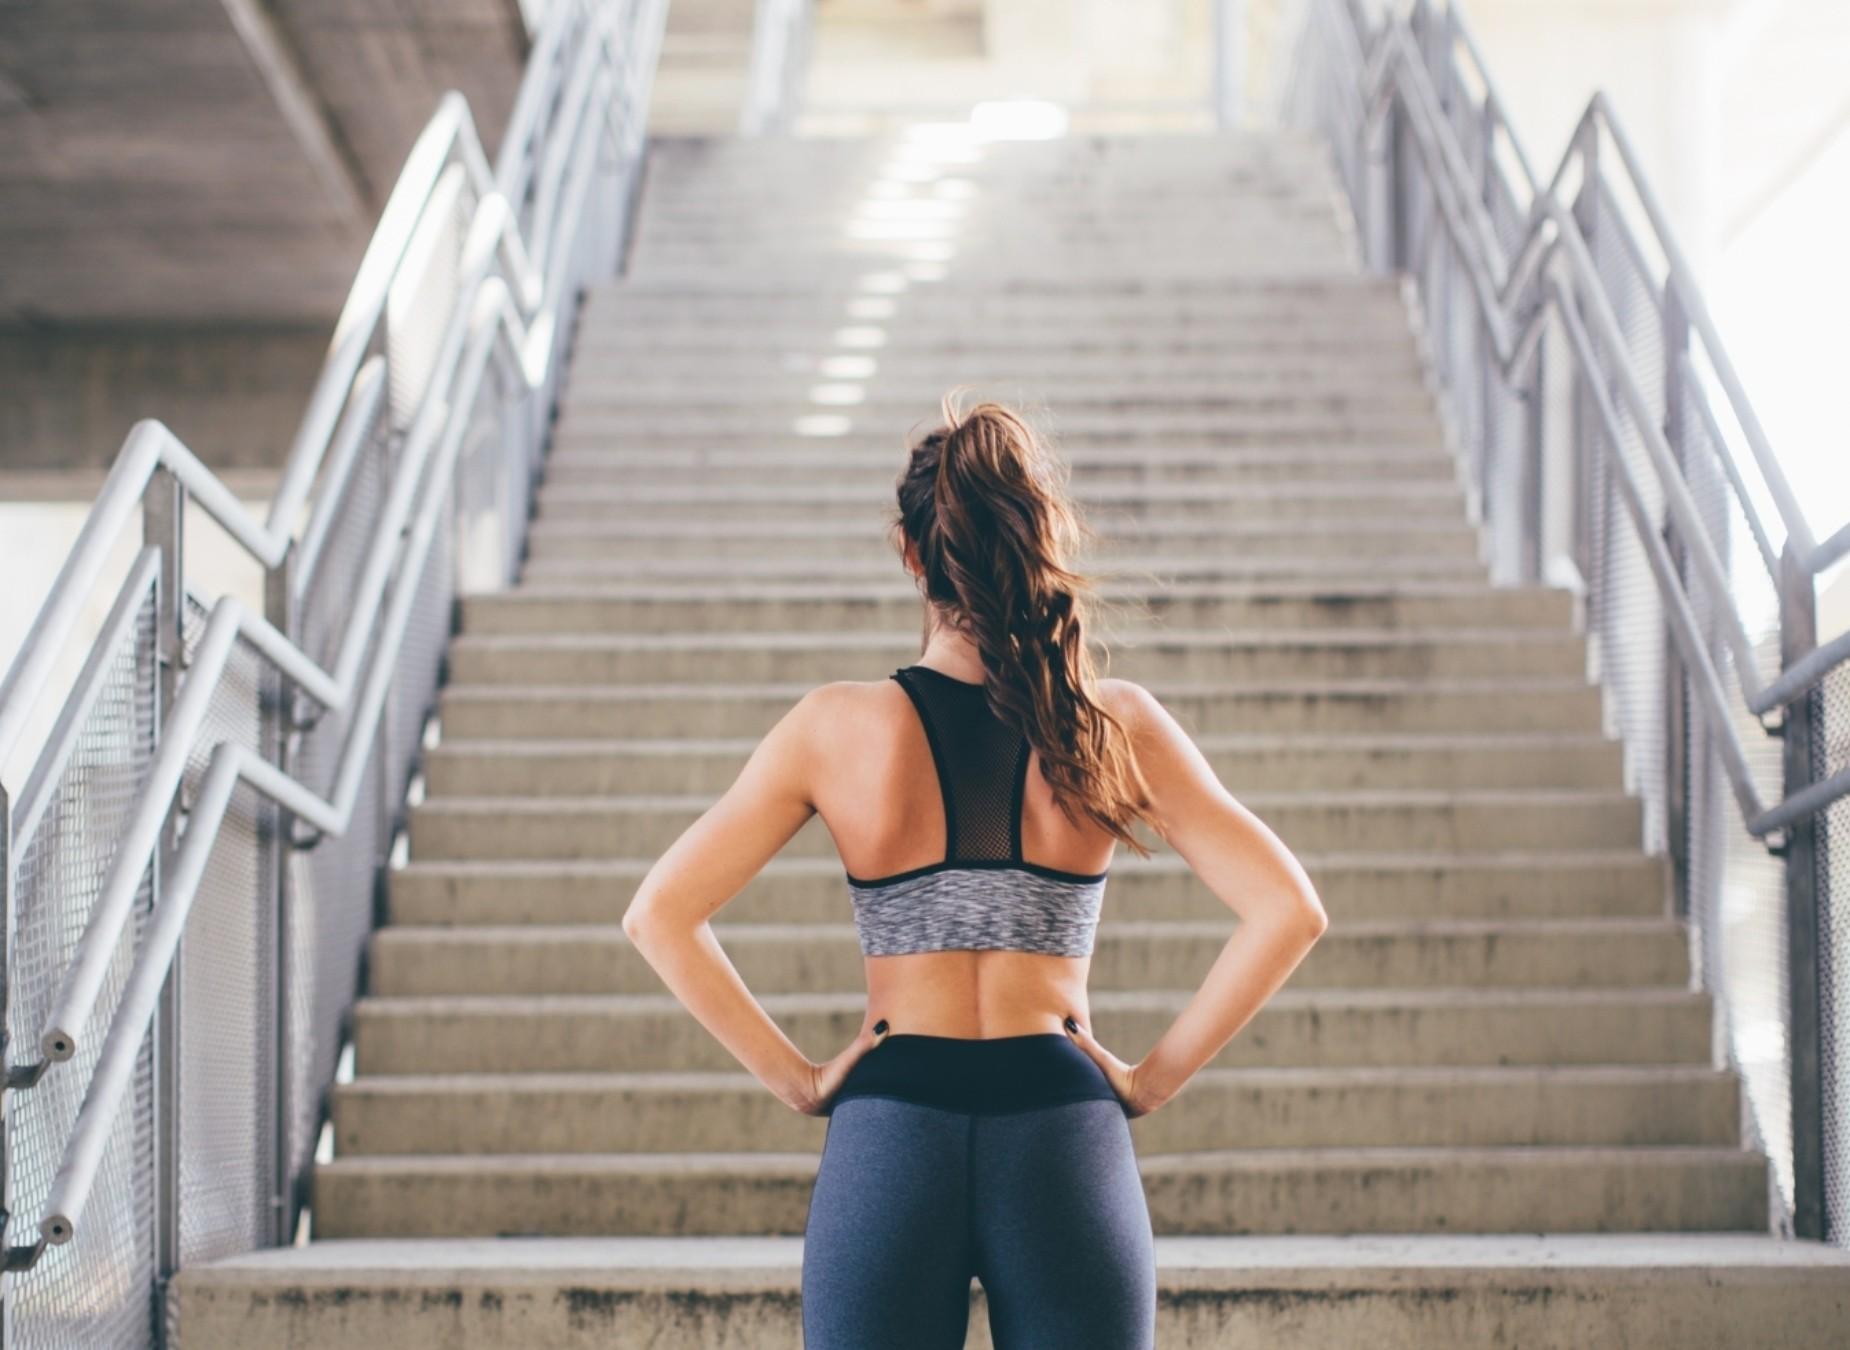 Nehezen szánod rá magad a mozgásra?